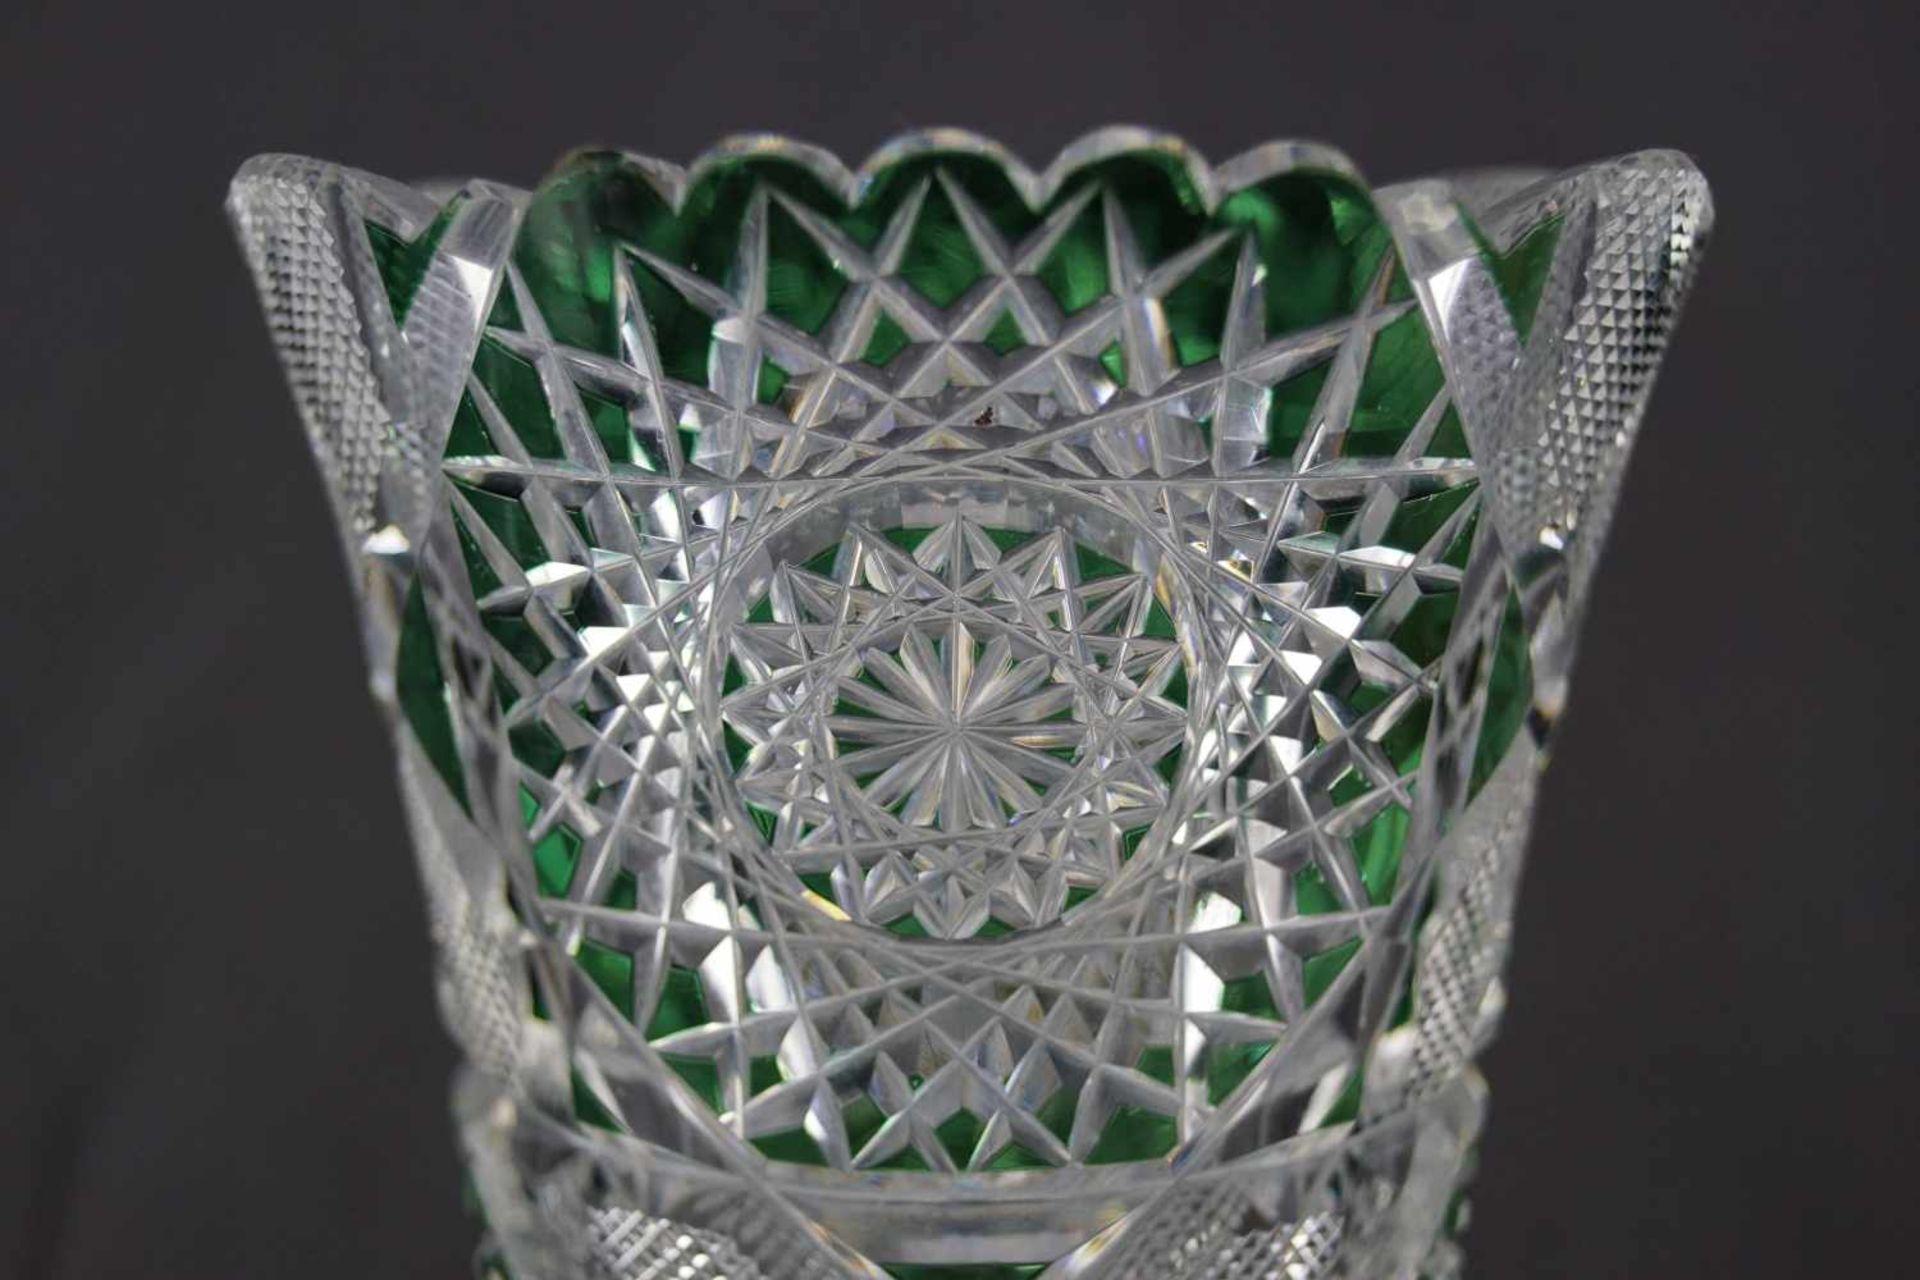 Vase aus Bleikristallglas grüngefärbte Flächen, Höhe 30,5 cm, einige Bestoßungen sind vorhanden - Bild 2 aus 3